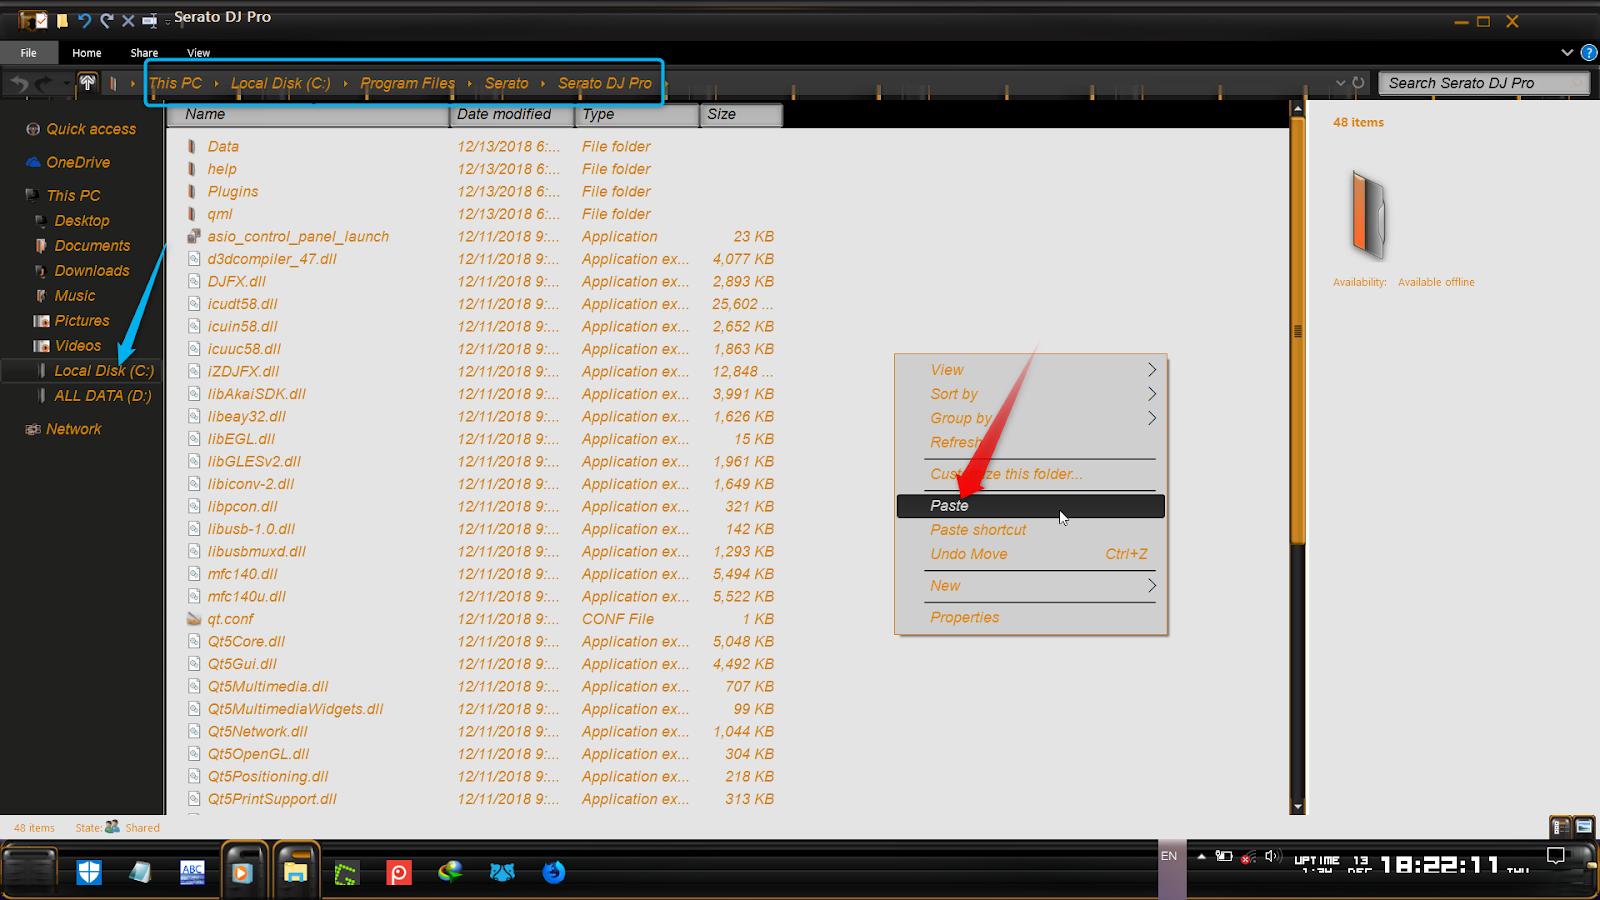 aloneghost-xz : Serato DJ Pro 2 1 0 Build 797 FULL